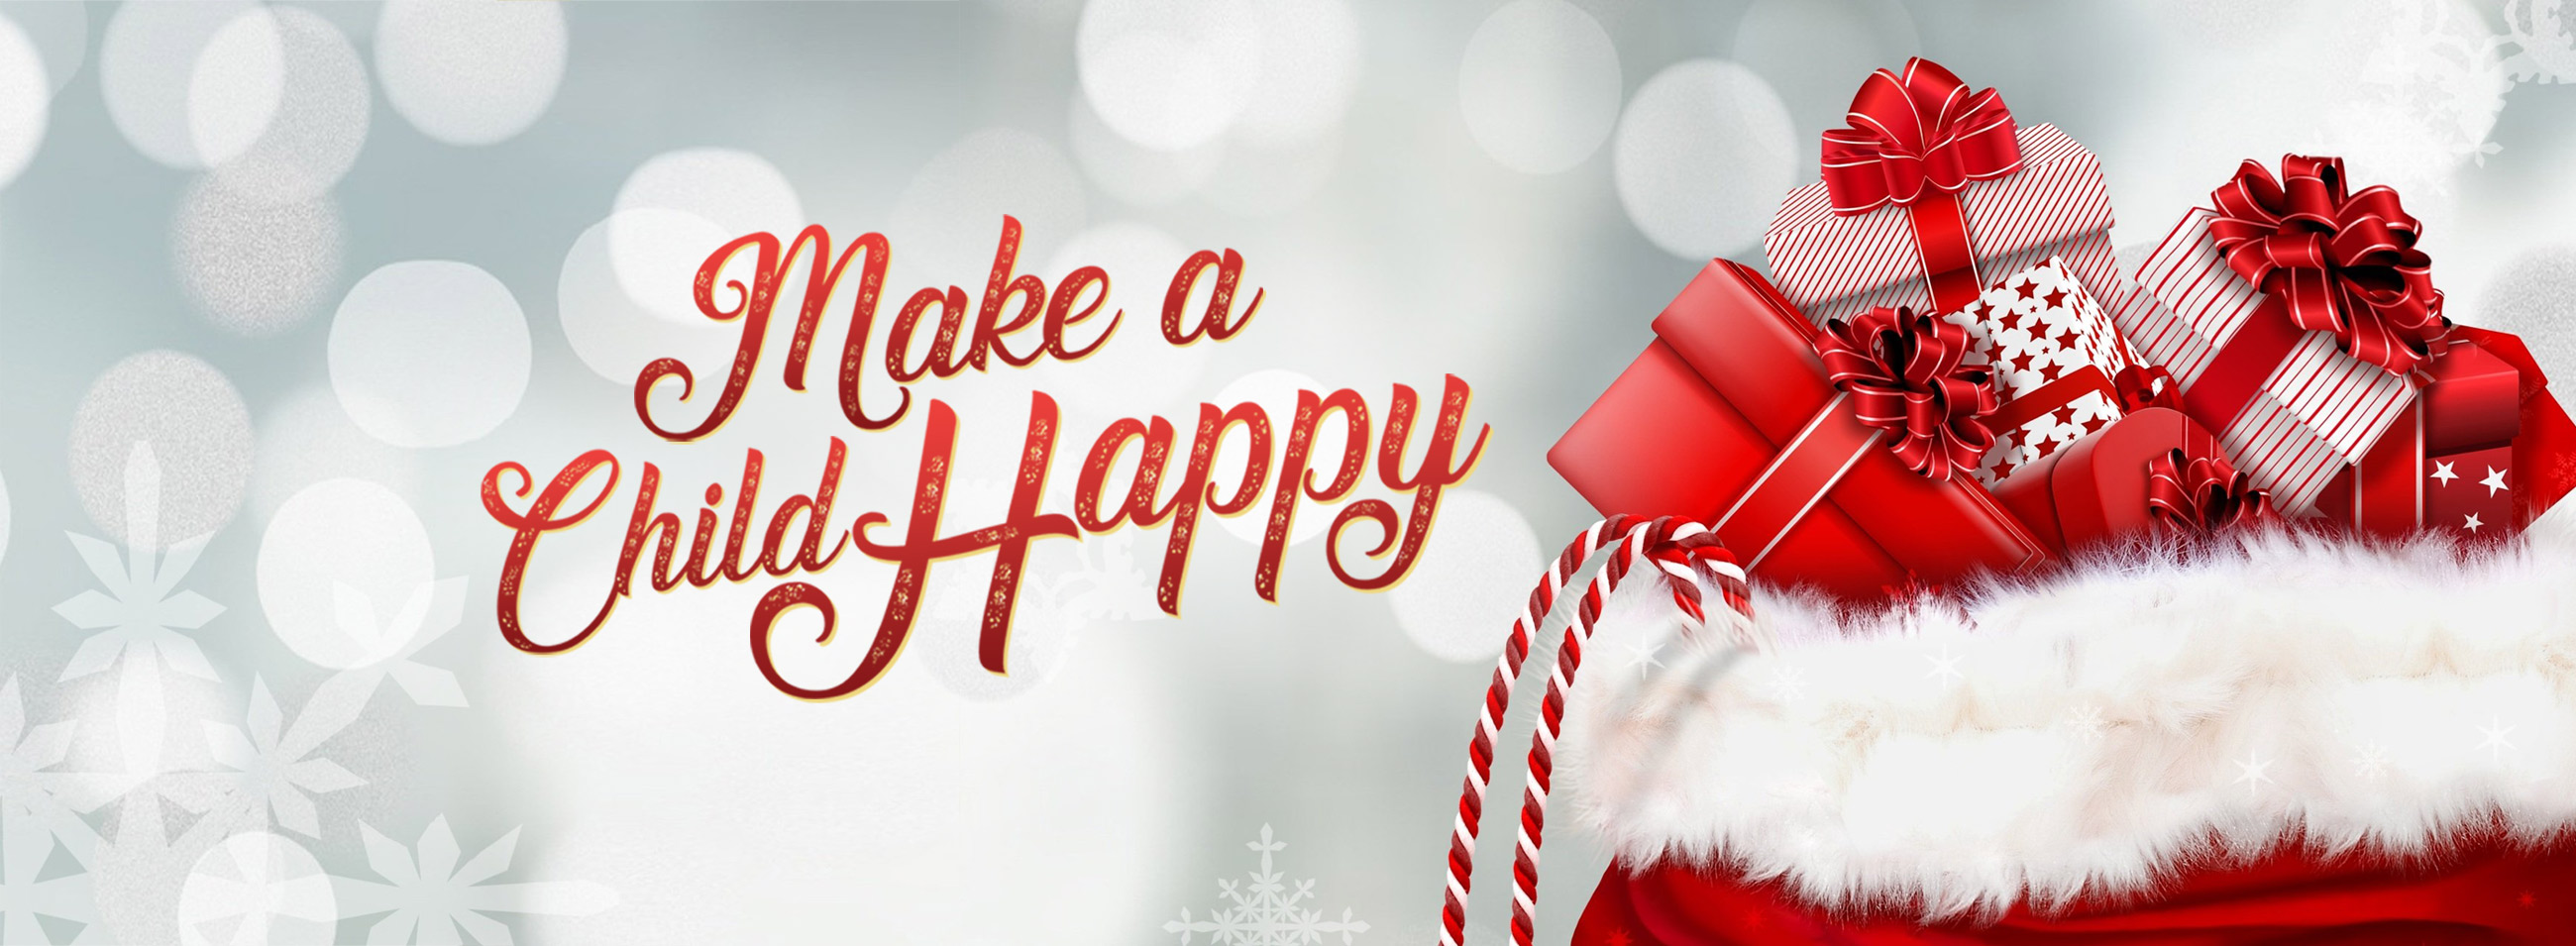 Make a Child Happy